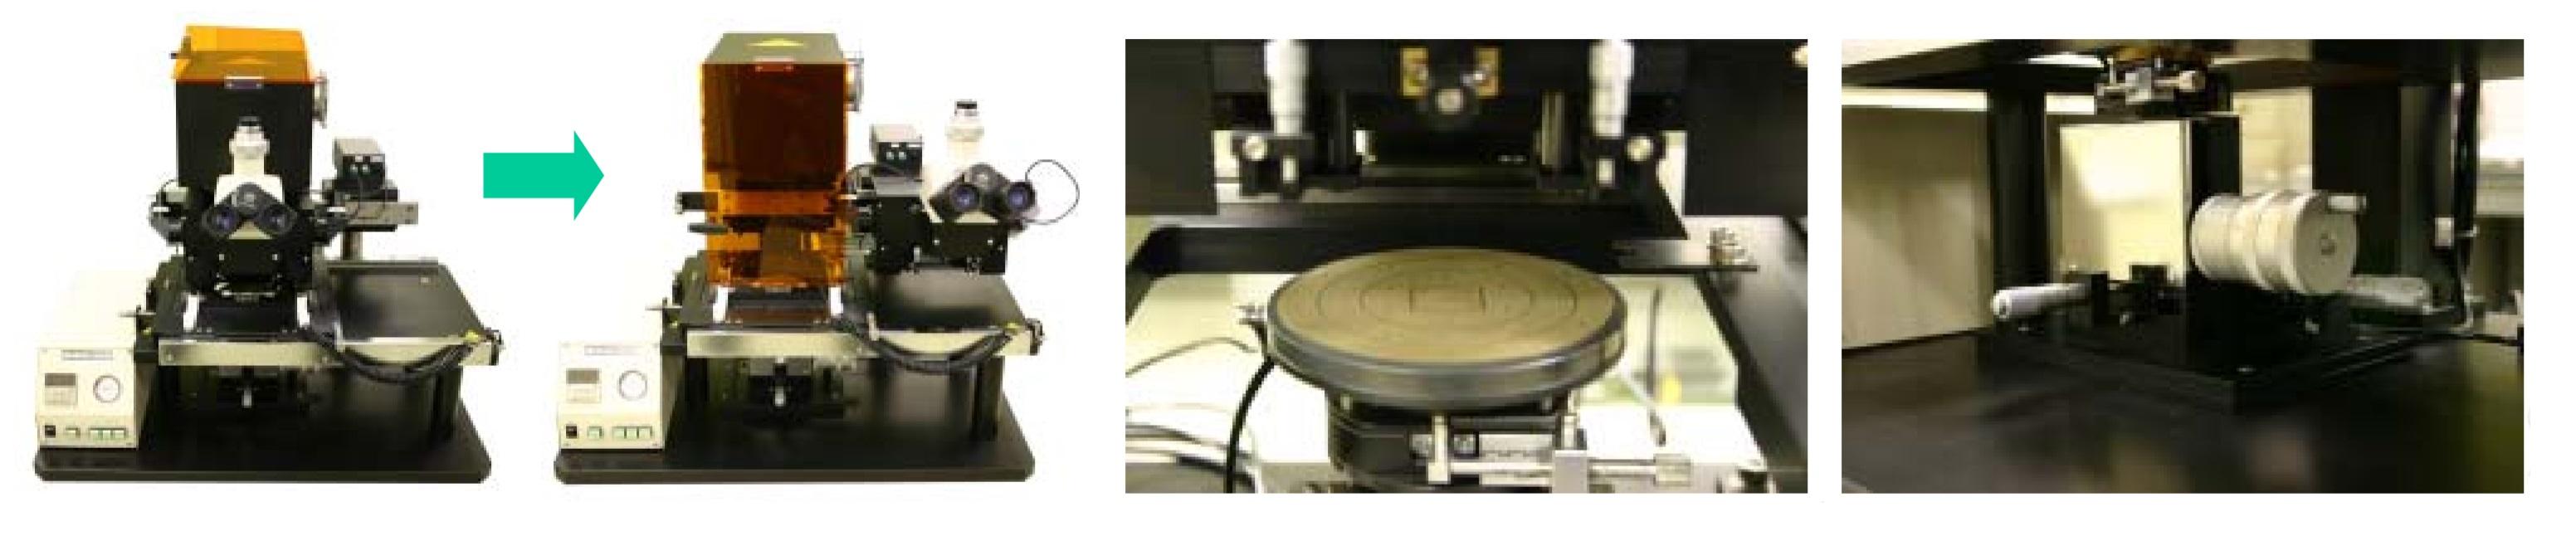 Фотолитография установки